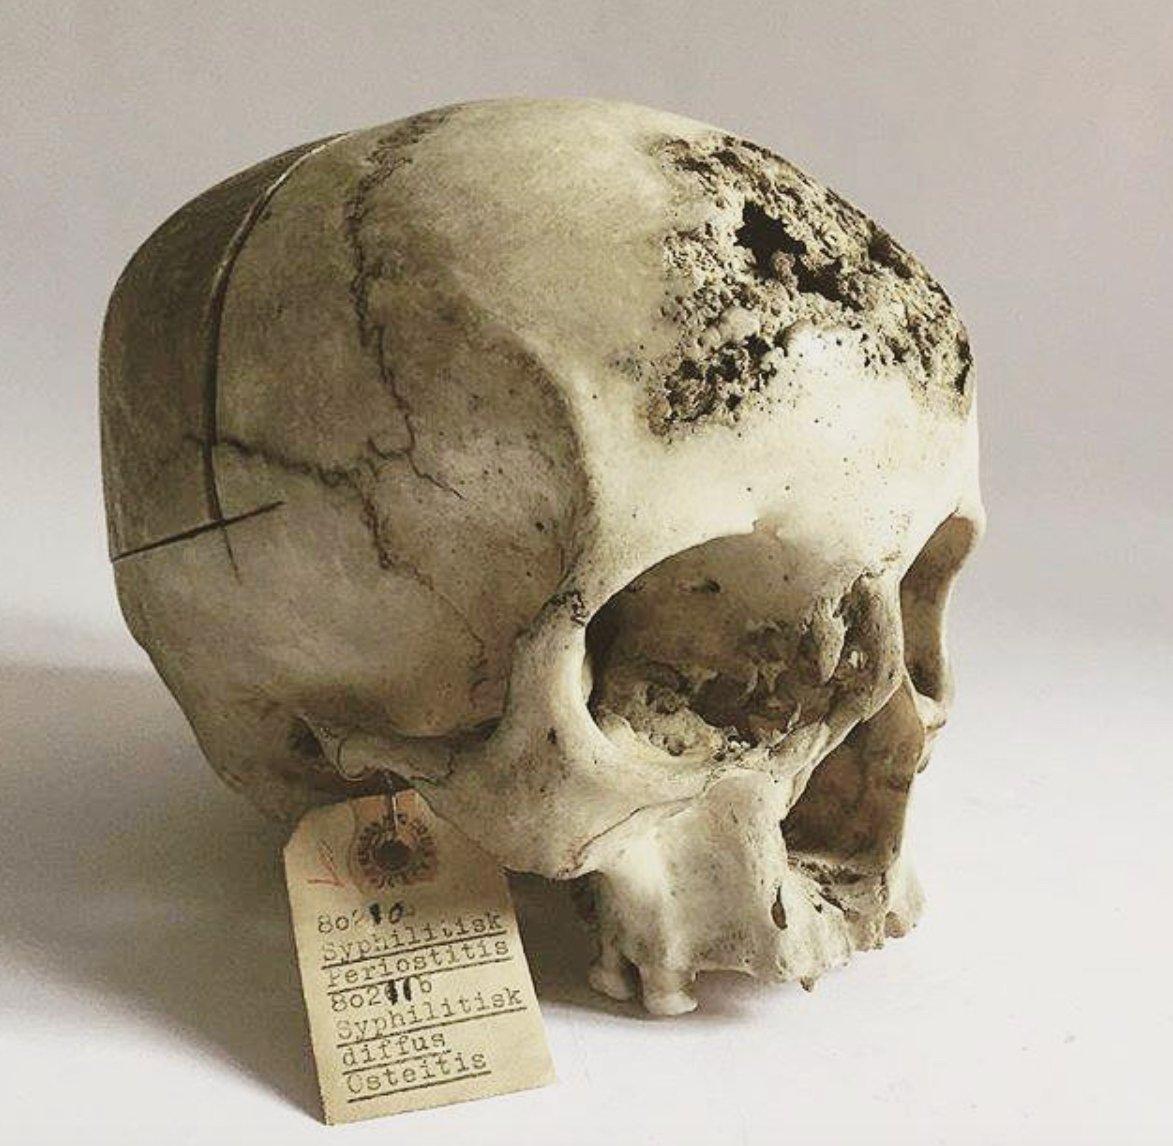 Cráneo tras padecer de sífilis terciaria. Esta infeccion en etapas avanzadas ataca estructura óseas, sistema nervioso, entre otras. Copenhague, siglo XIX.  #Sifilis #Craneo #Skull #Micro #Pato #Anato #TreponemaPallidum